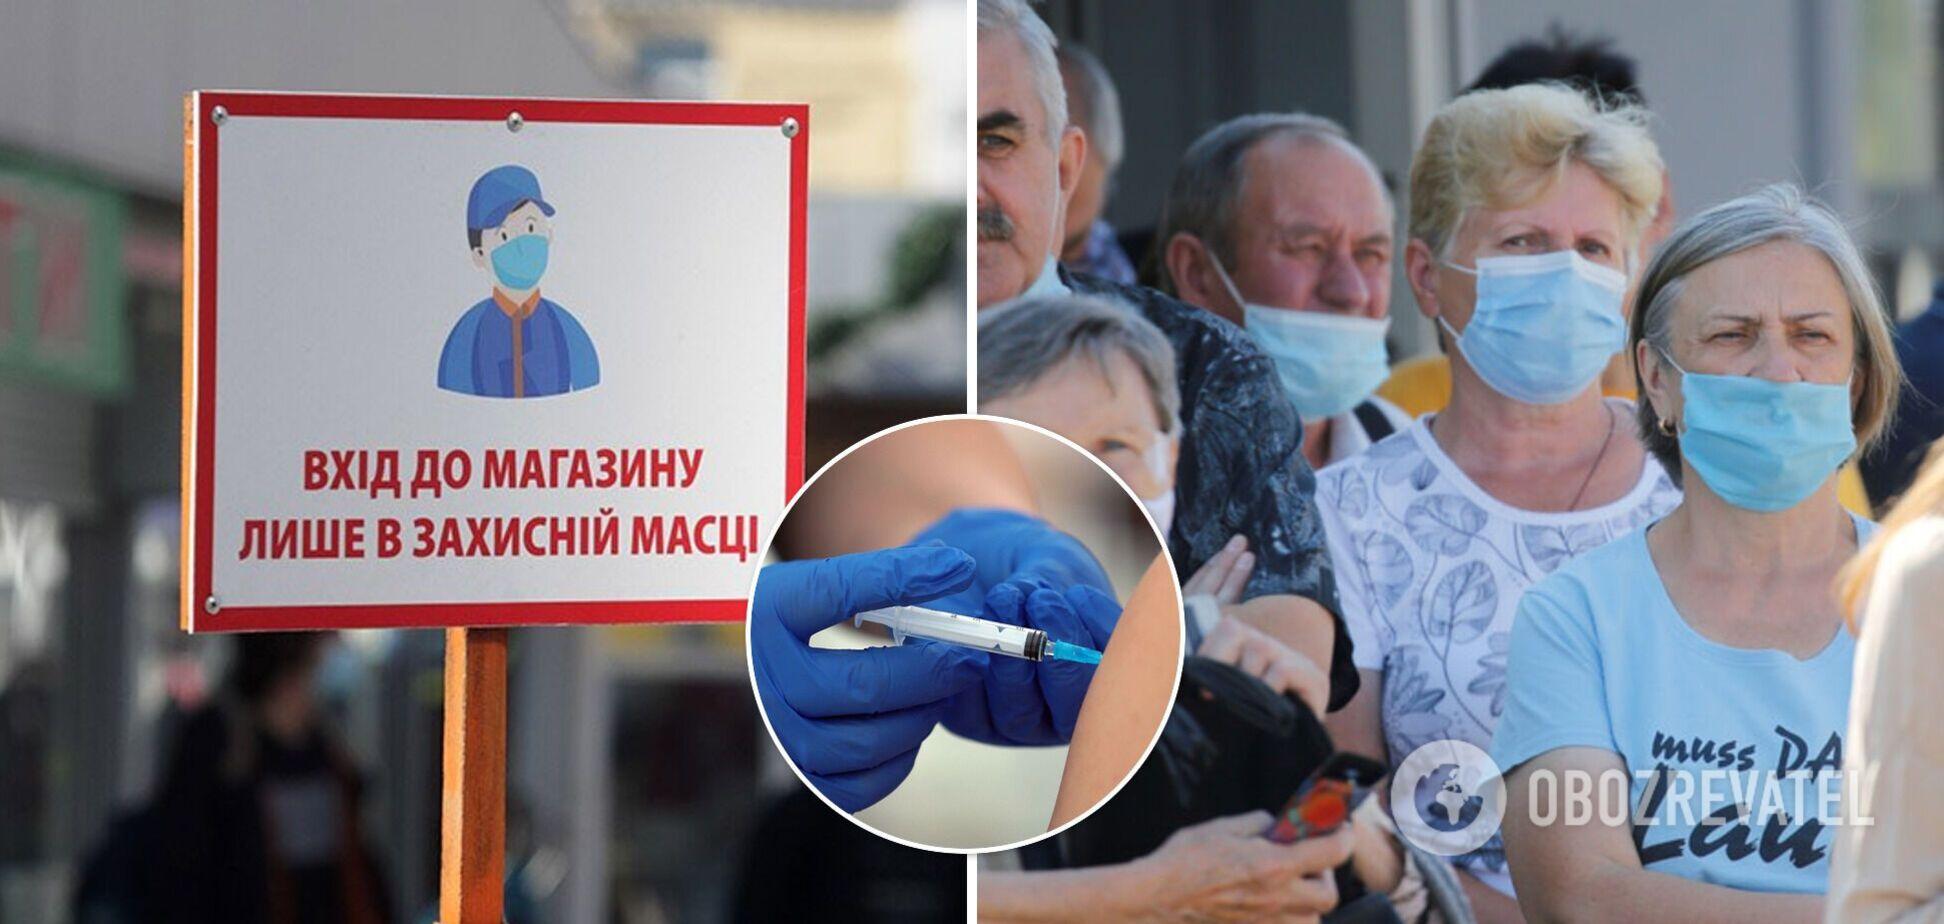 Украинцы без прививки будут сидеть дома? Когда и каким будет осенний локдаун в Украине